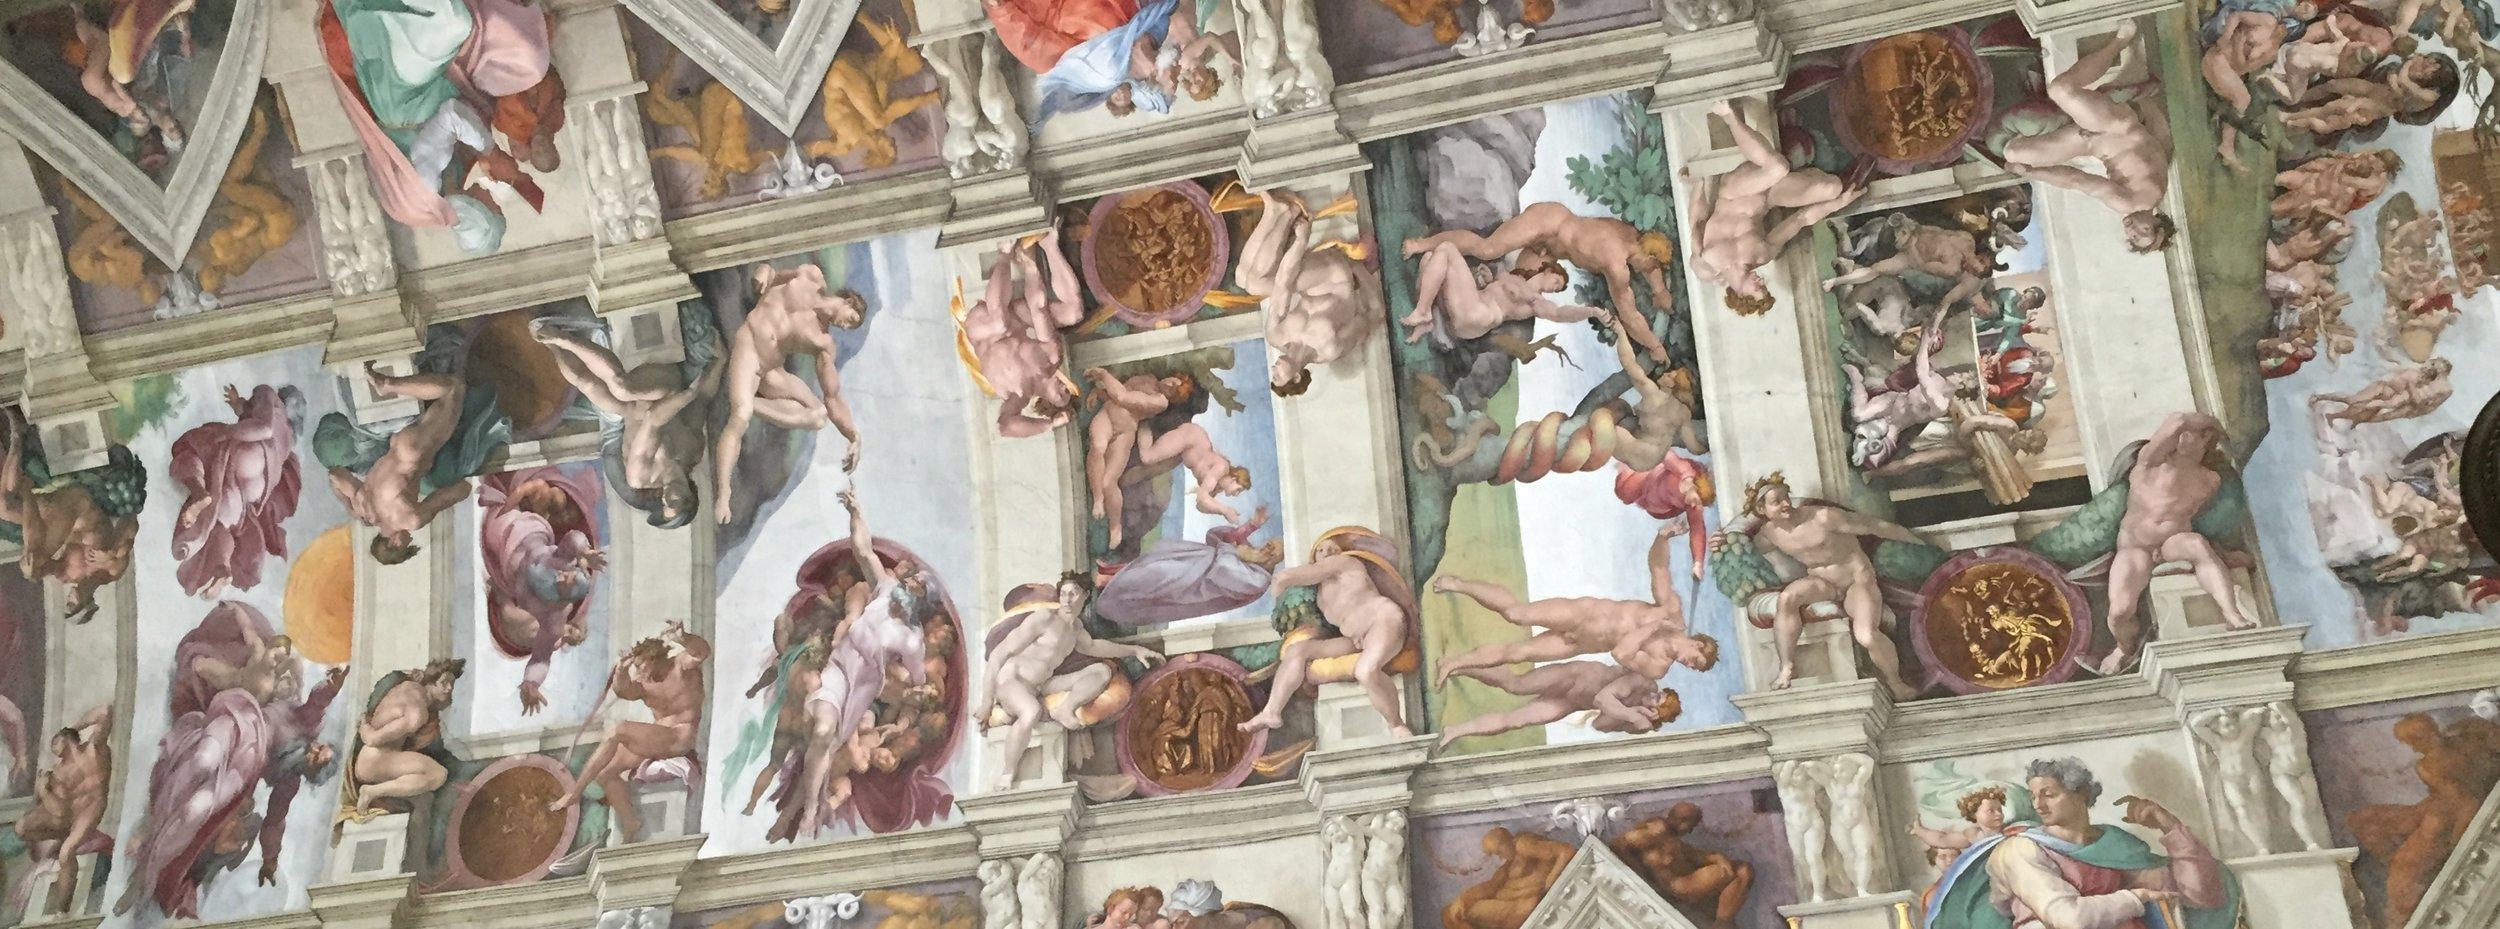 sistine chapel ceiling michelangelo.jpg